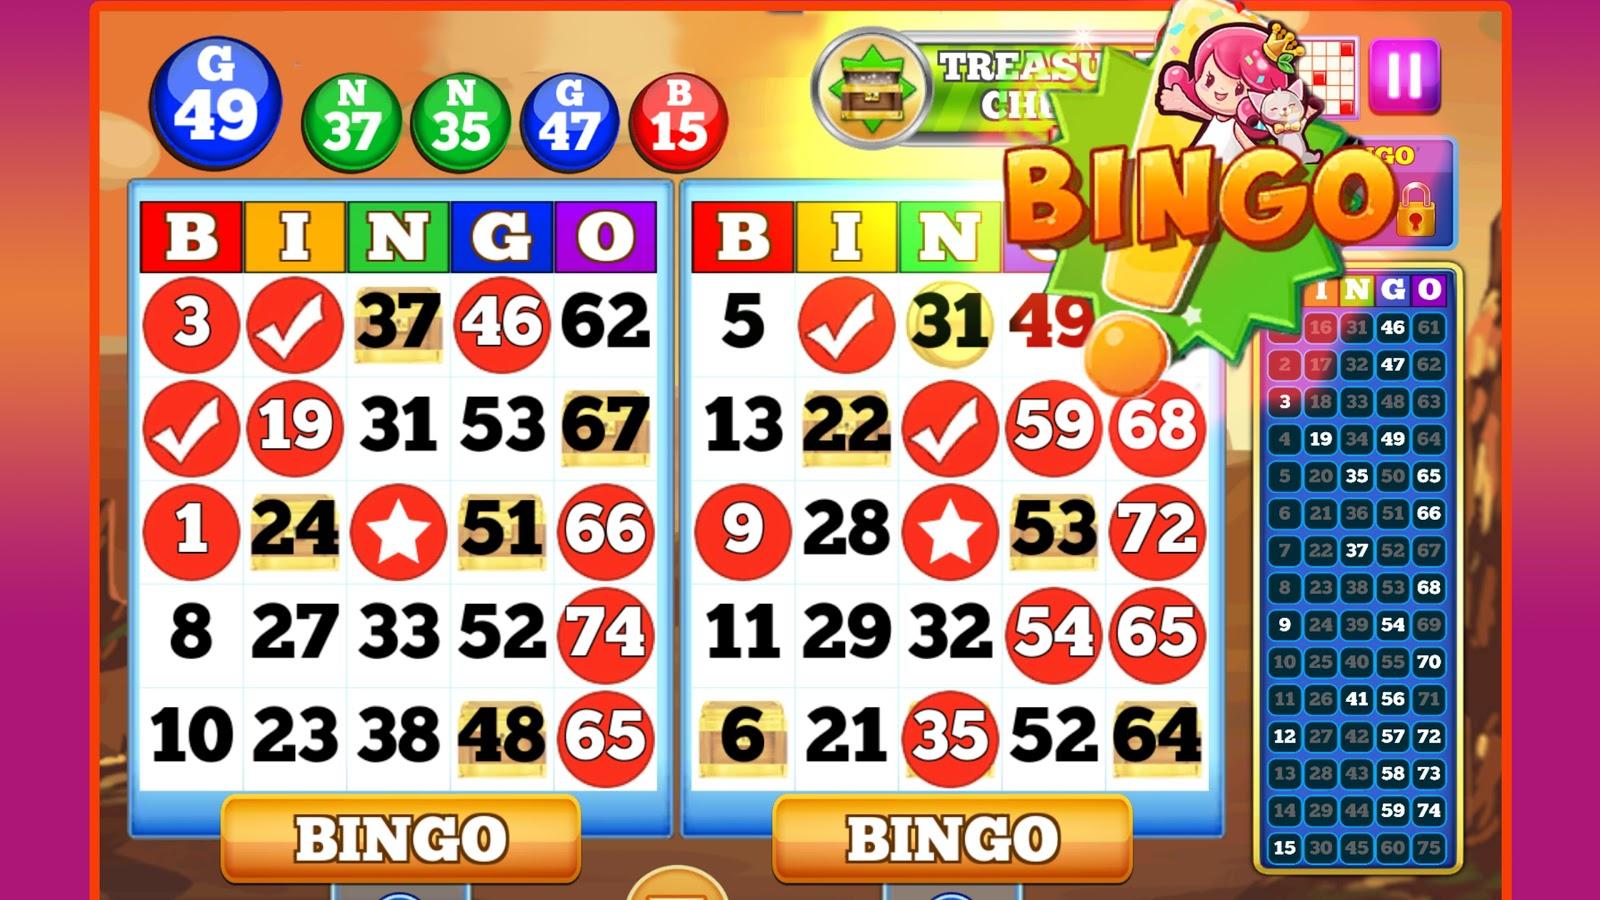 Beast Gaming casino aplicaciones de juegos de-696715